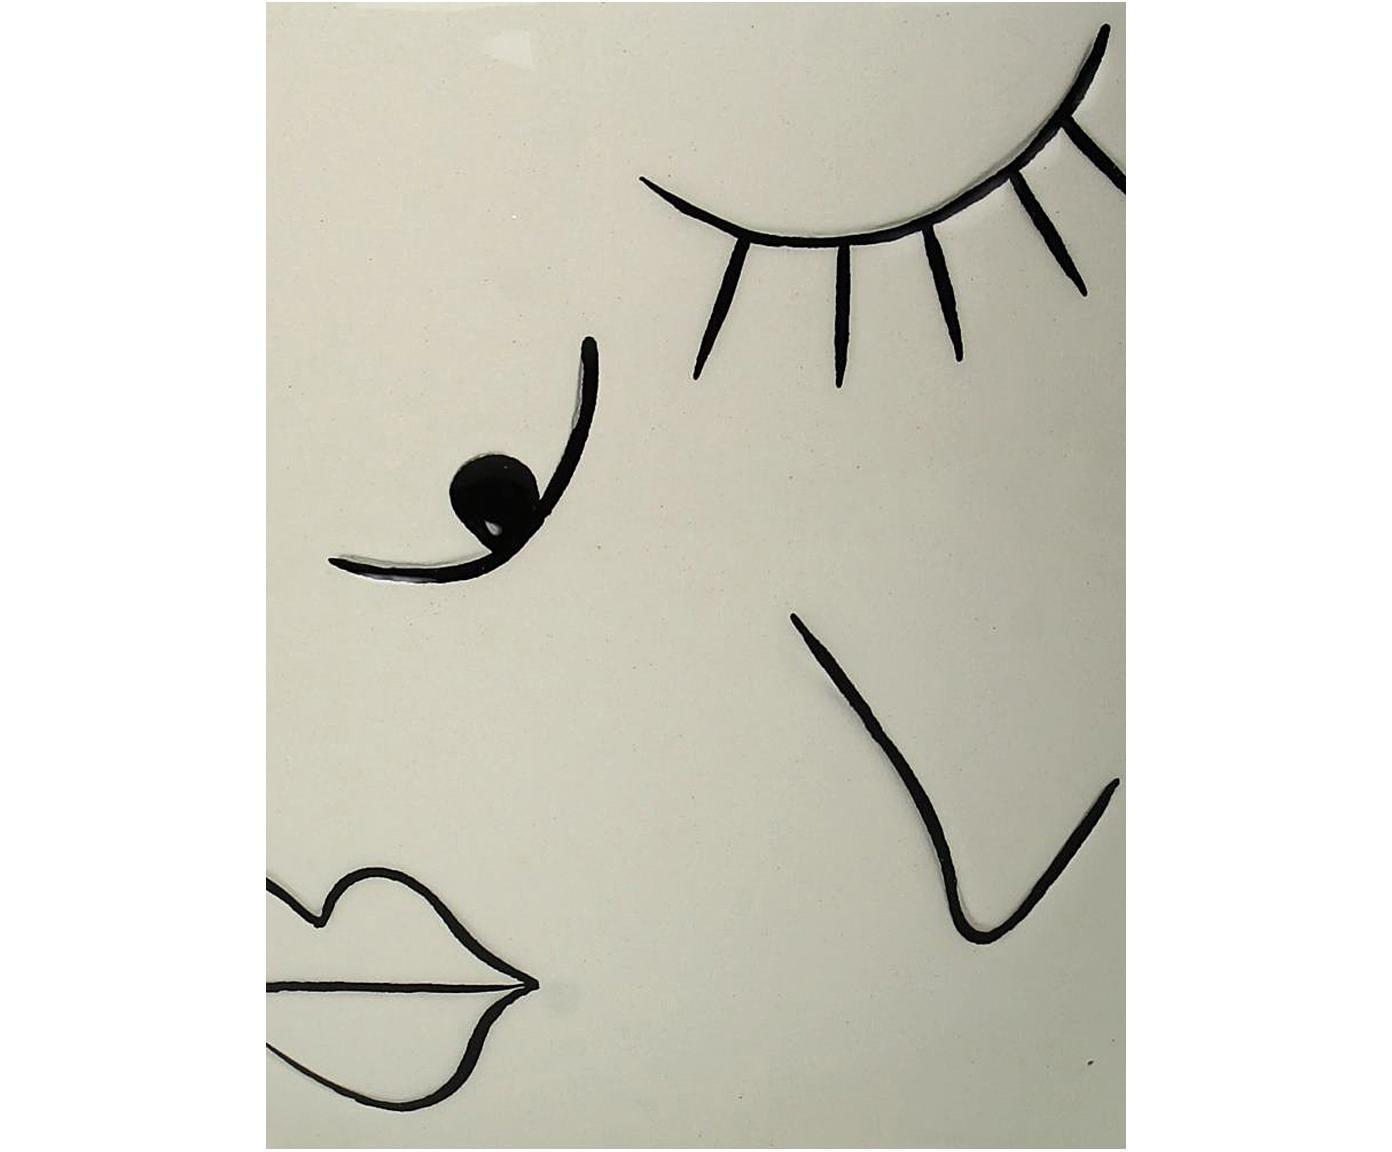 Kleiner Übertopf Eyes aus Steingut, Steingut, Gebrochenes Weiß, Schwarz, Ø 17 x H 19 cm